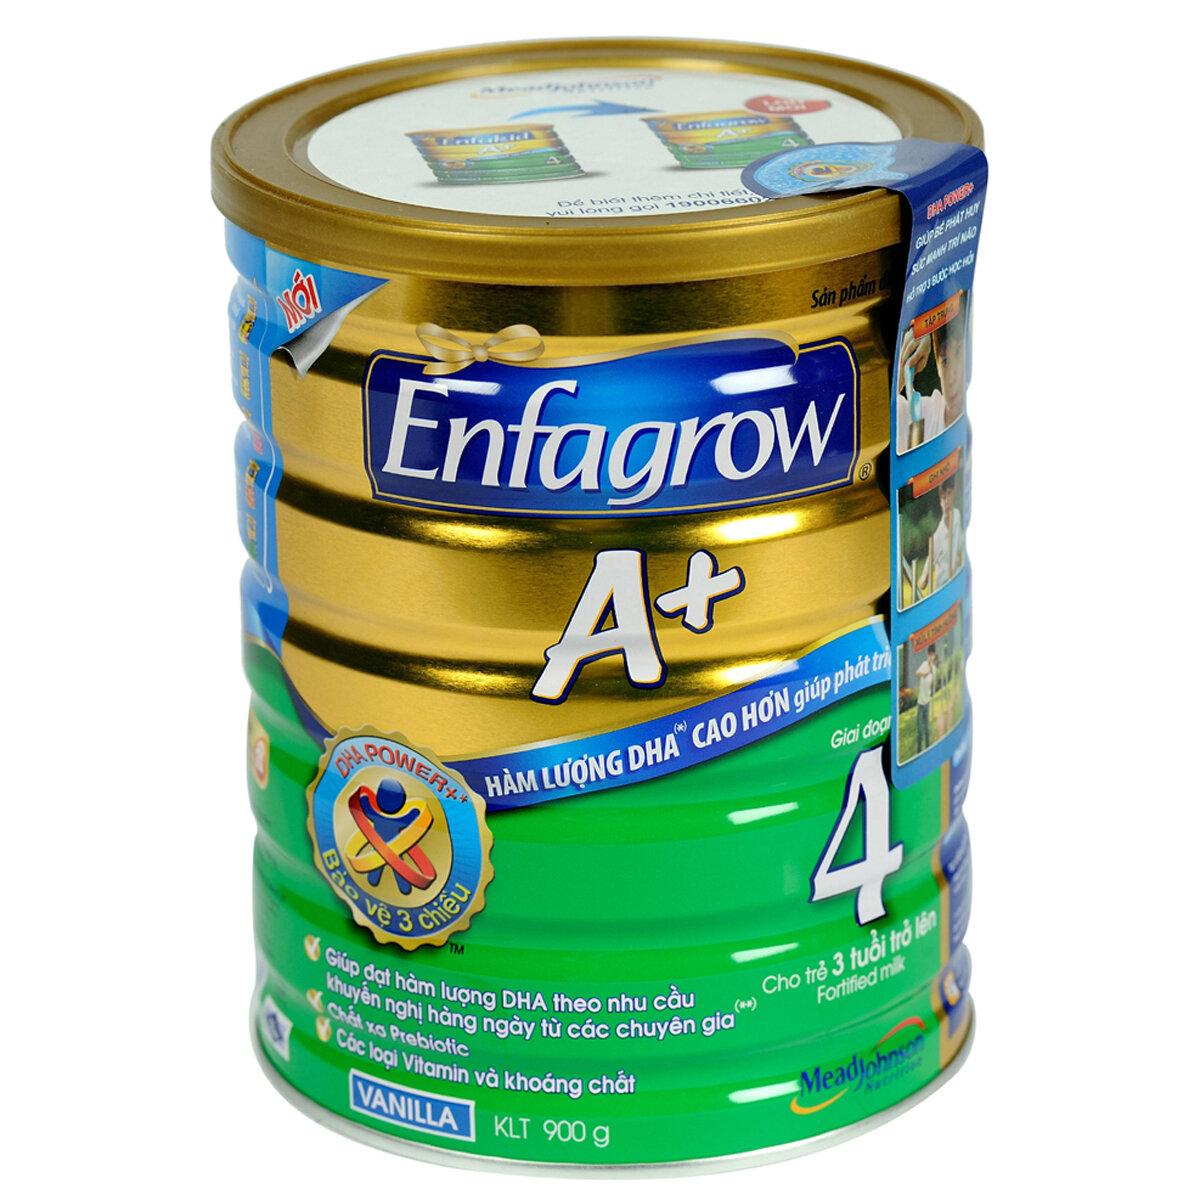 Sữa bột Enfagrow A+ 4 - hộp 900g (dành cho trẻ từ 3 - 6 tuổi)